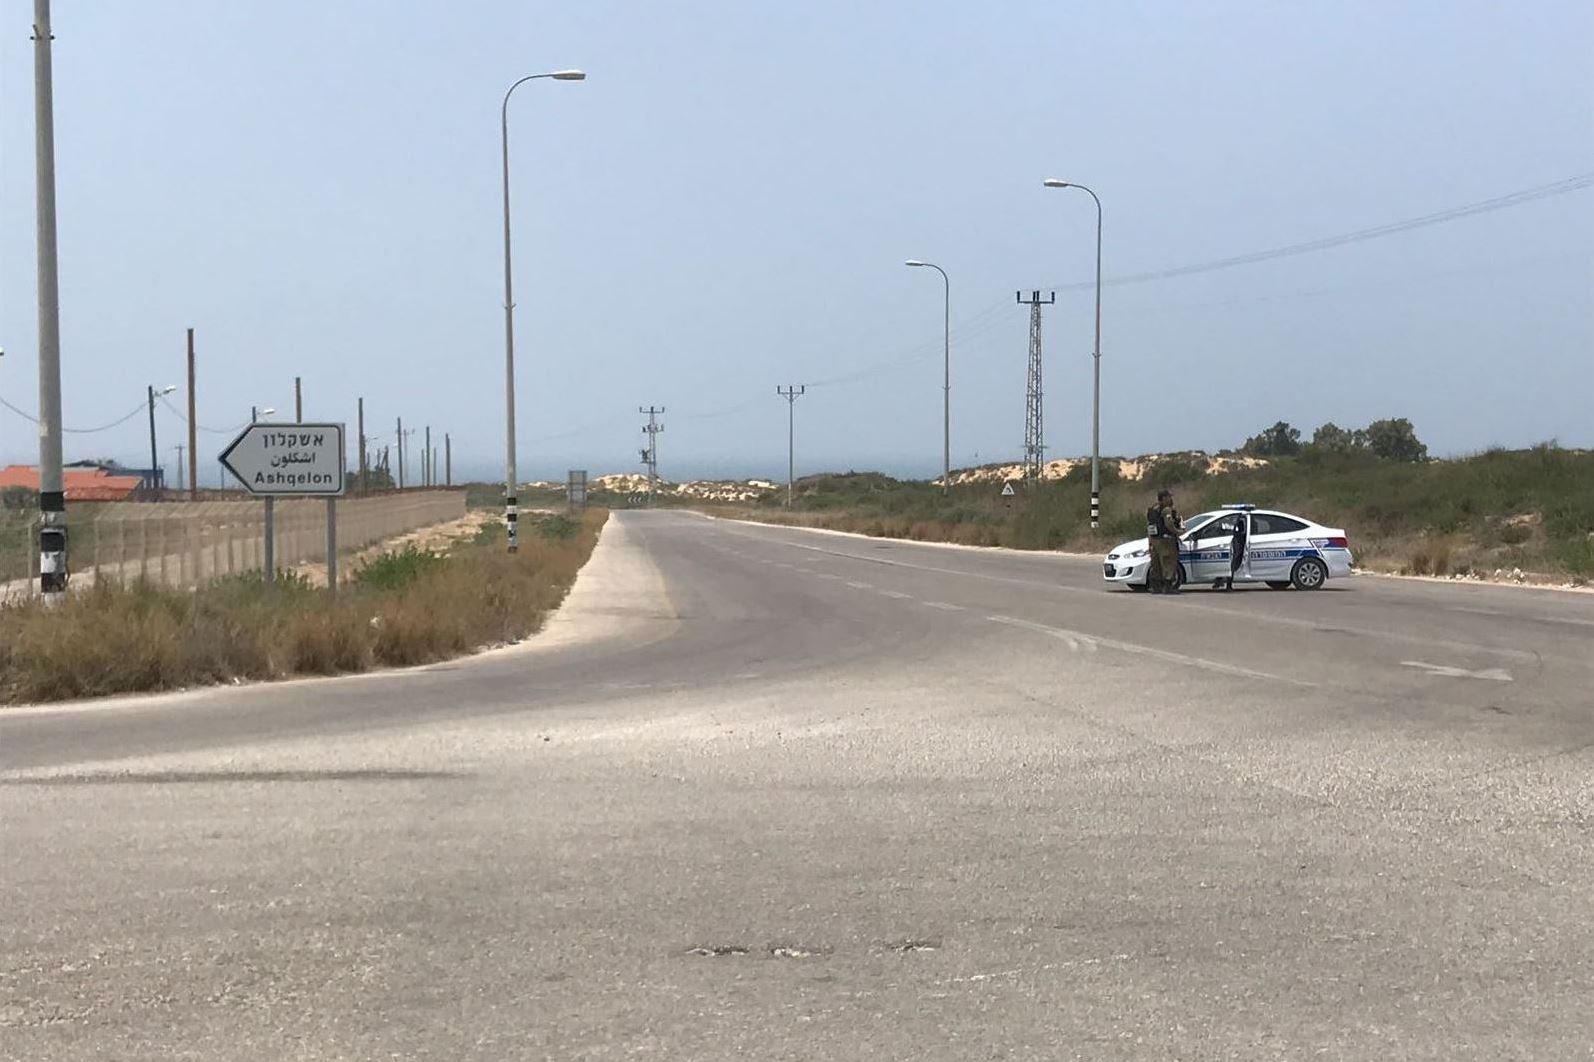 ההסלמה בדרום | צה״ל חוסם כבישים בעוטף, חוף זיקים נסגר למבקרים